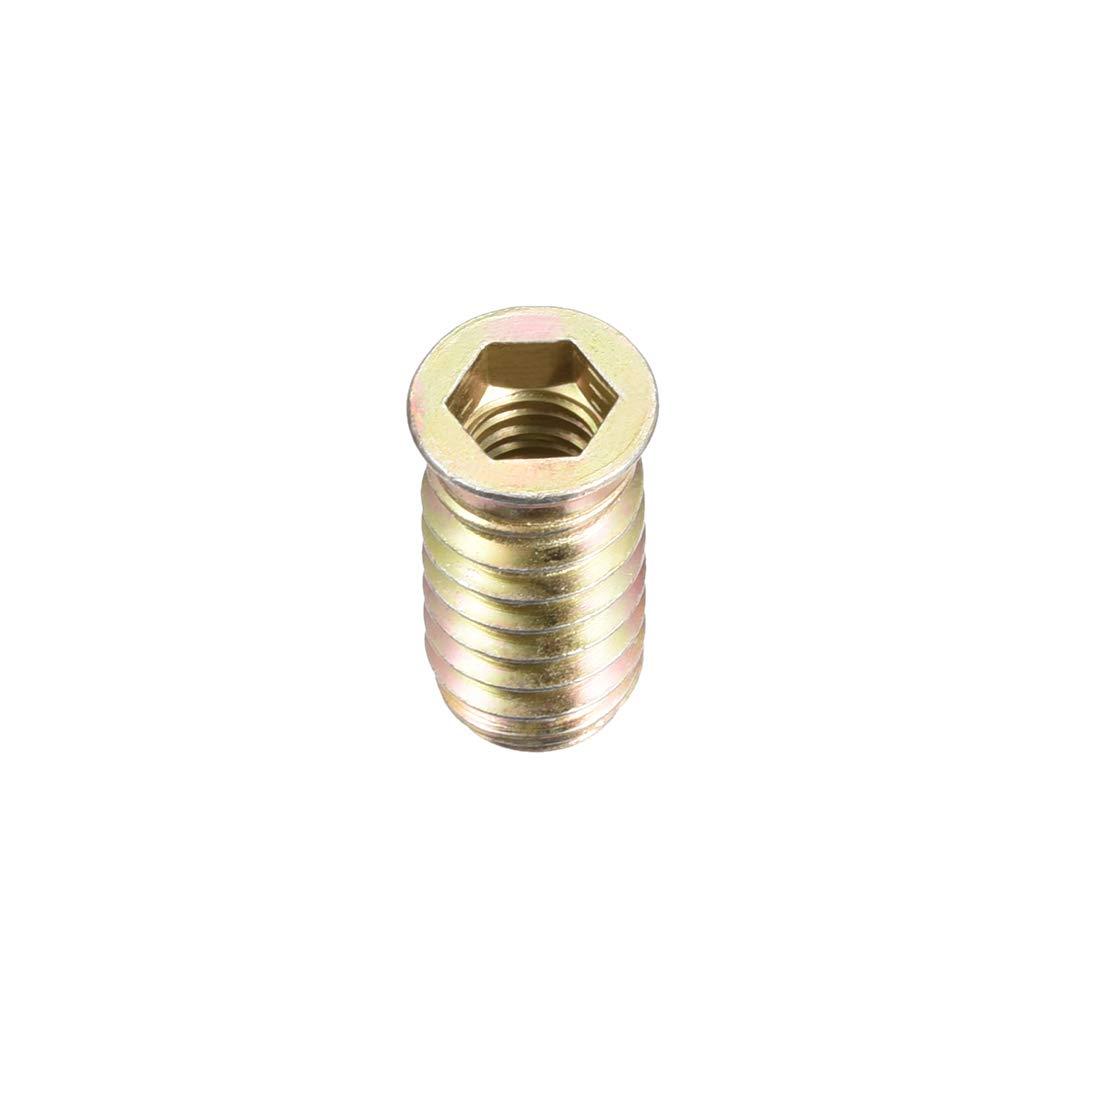 uxcell/® Wood Furniture M8x15mm Threaded Insert Nuts Interface Hex Socket Drive 30pcs